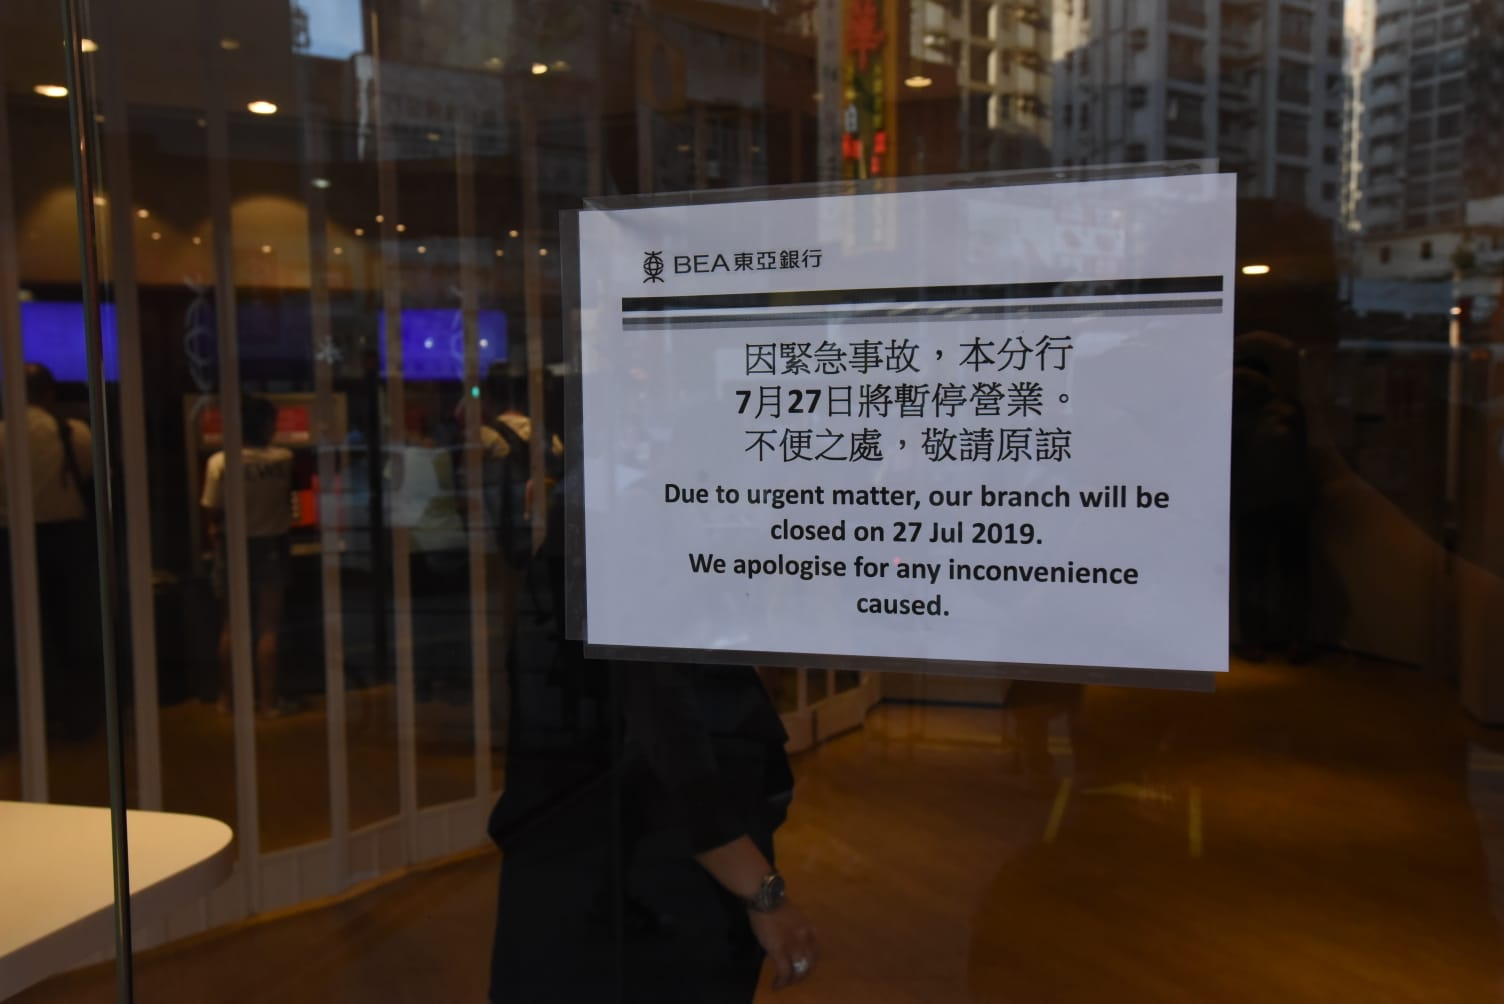 東亞銀行元朗分行明日暫停營業。